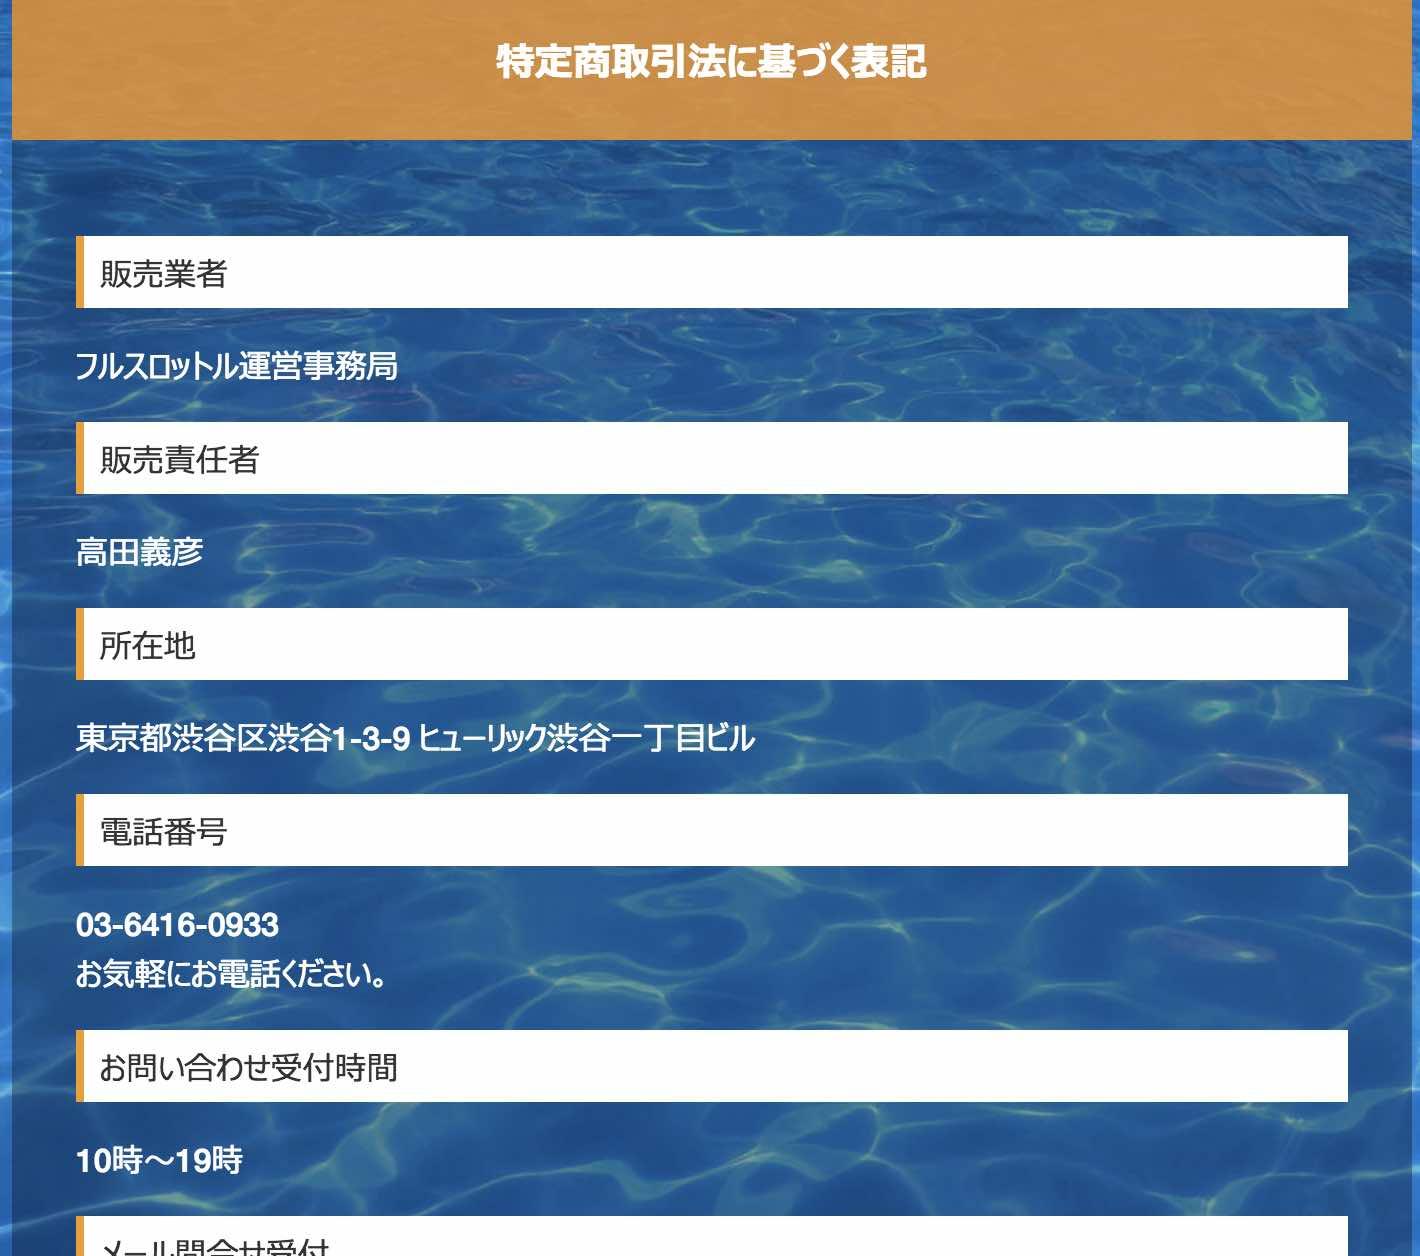 フルスロットルという競艇予想サイト(ボートレース予想)の特定商取引法に基づく表記